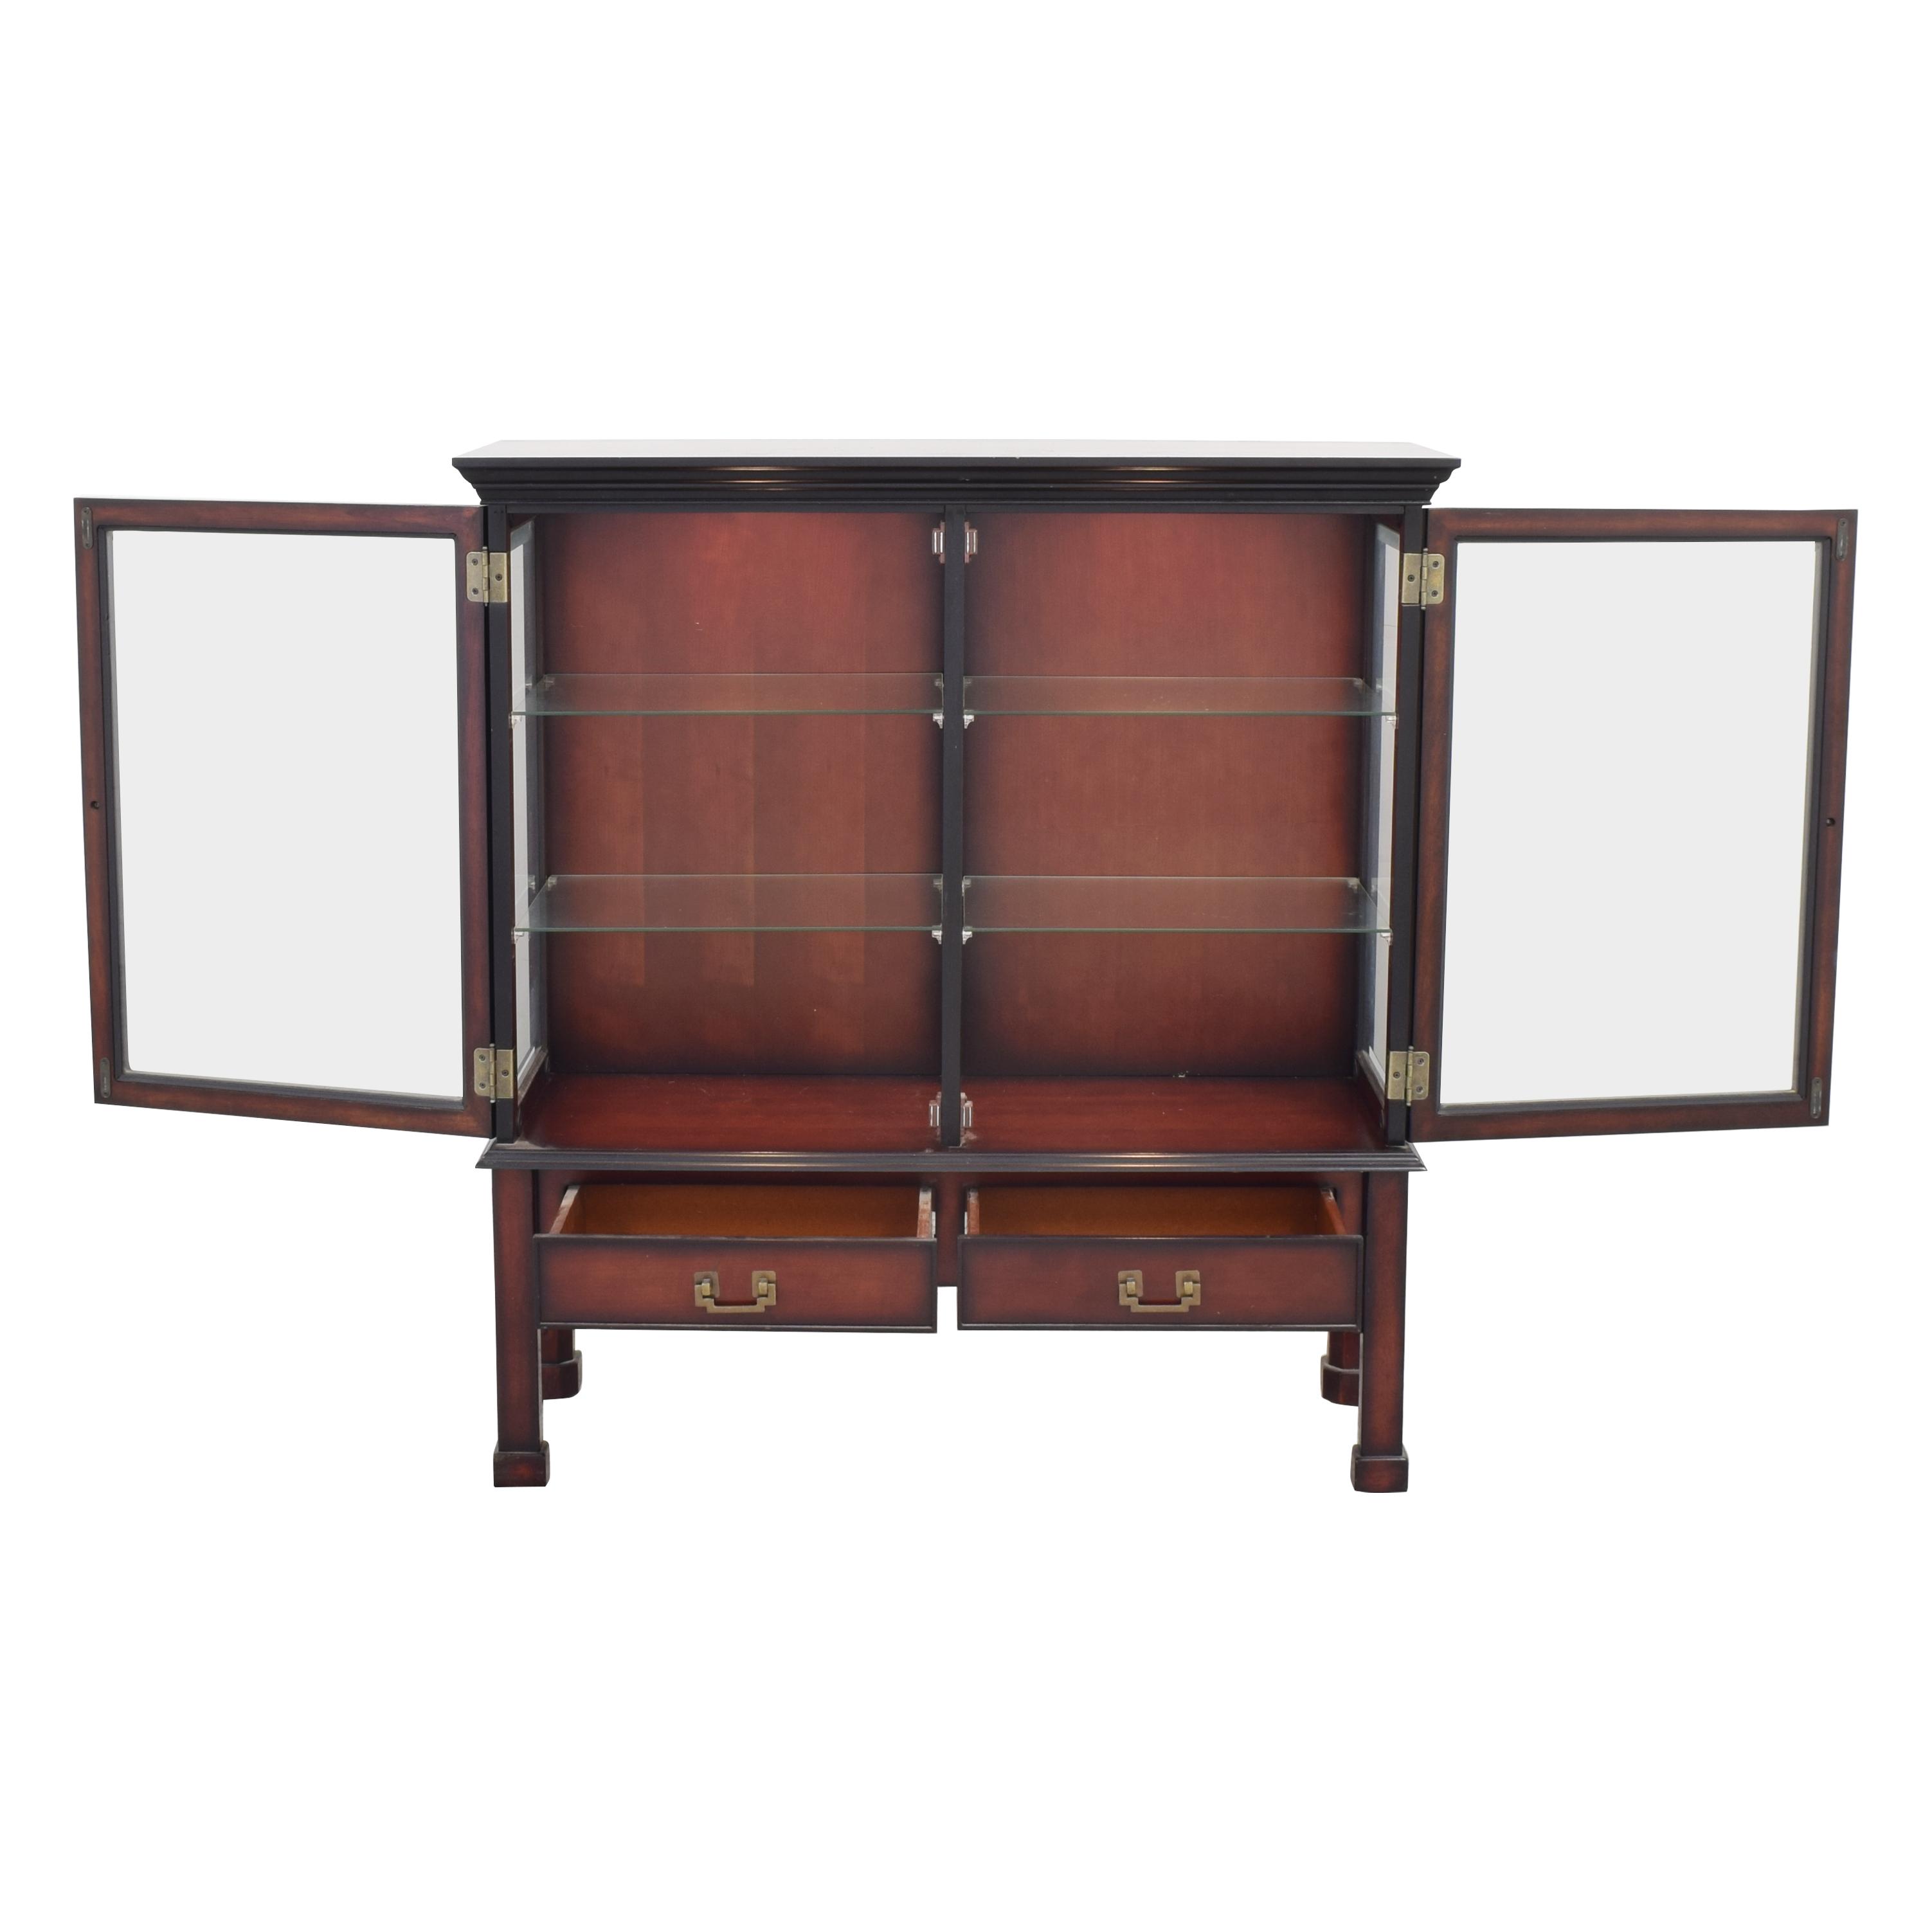 Bombay Company Bombay Company Hutch Display Cabinet ma